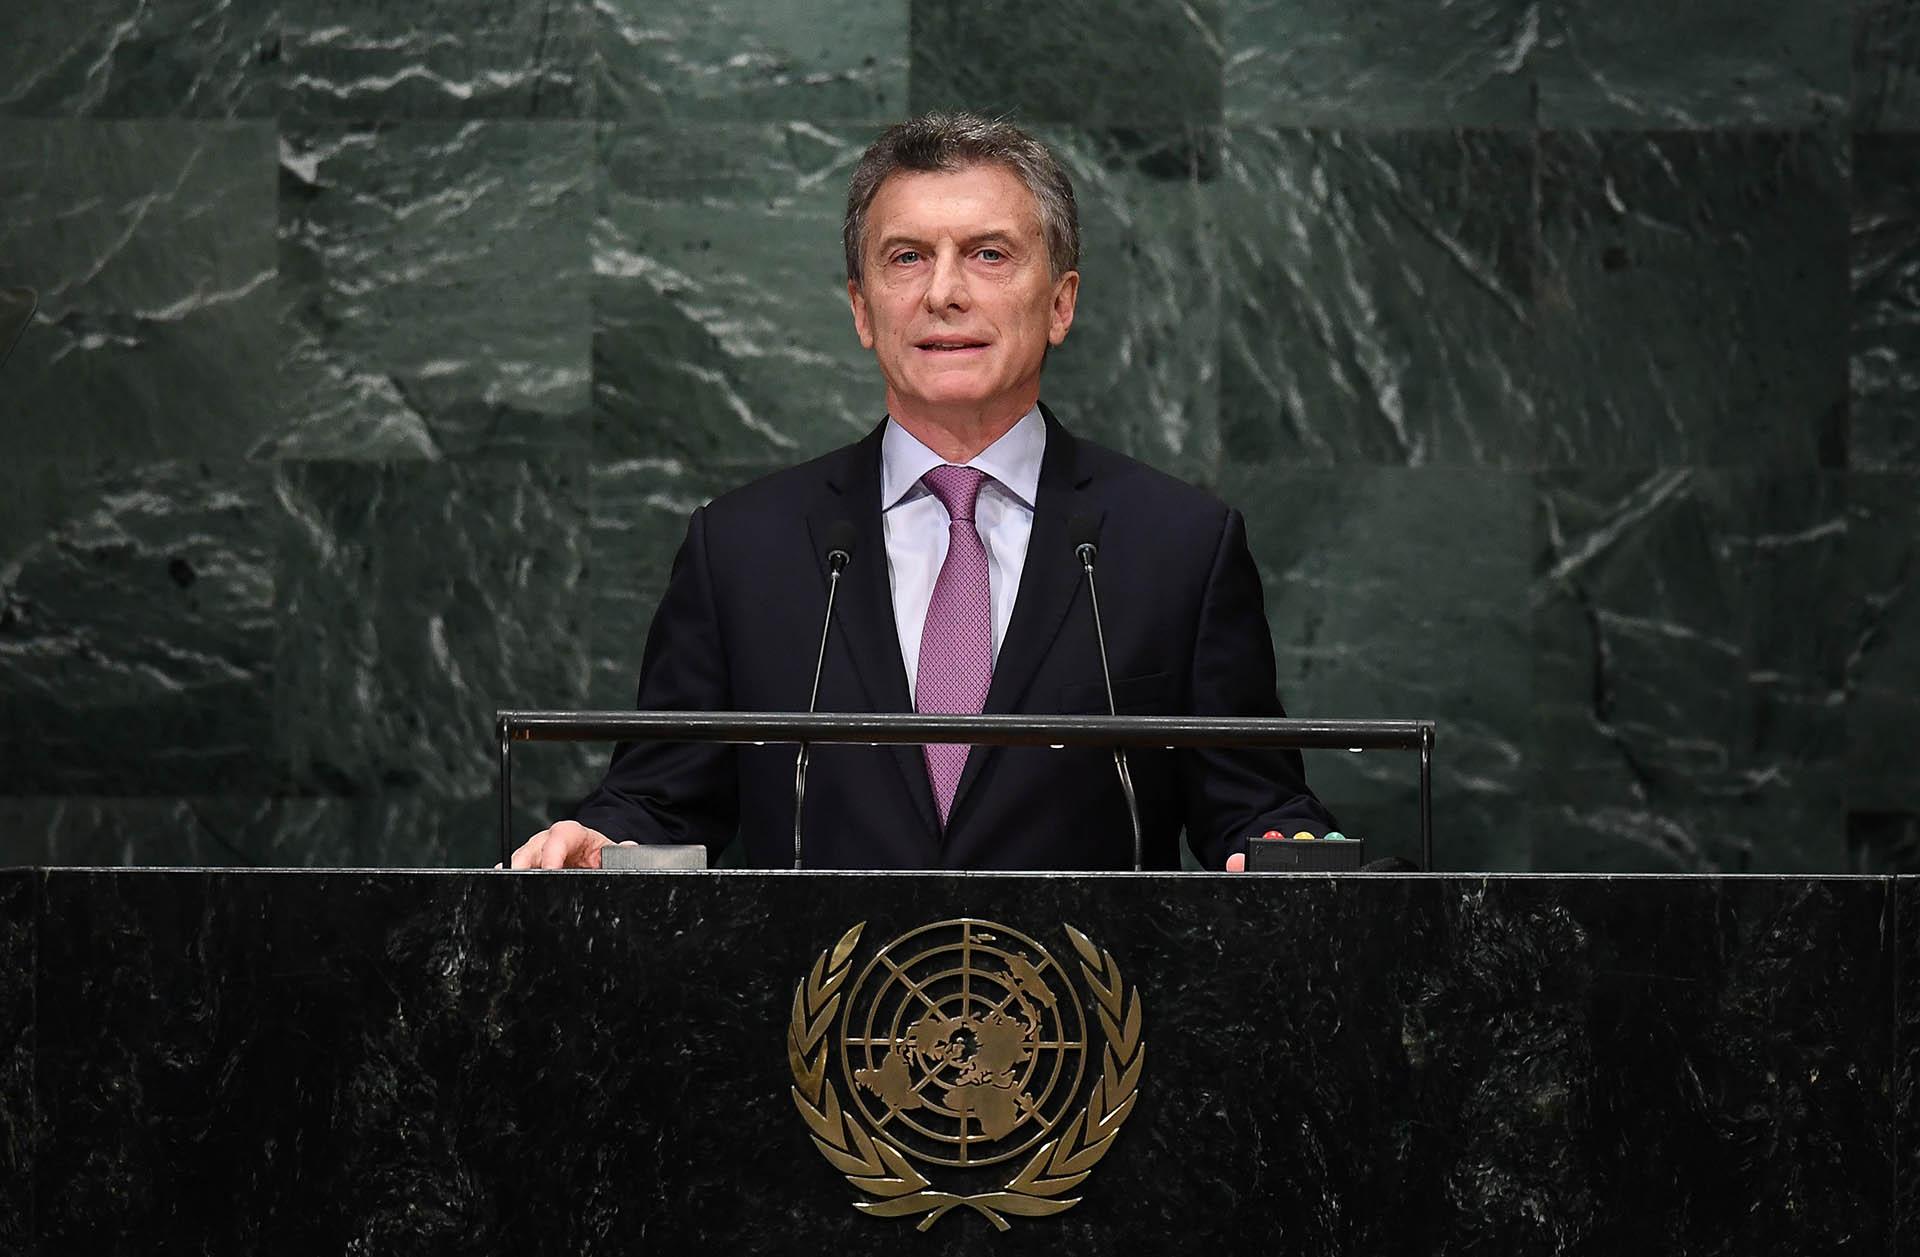 2016. El presidente brinda su alocución durante la71° Asamblea General de Naciones Unidas.